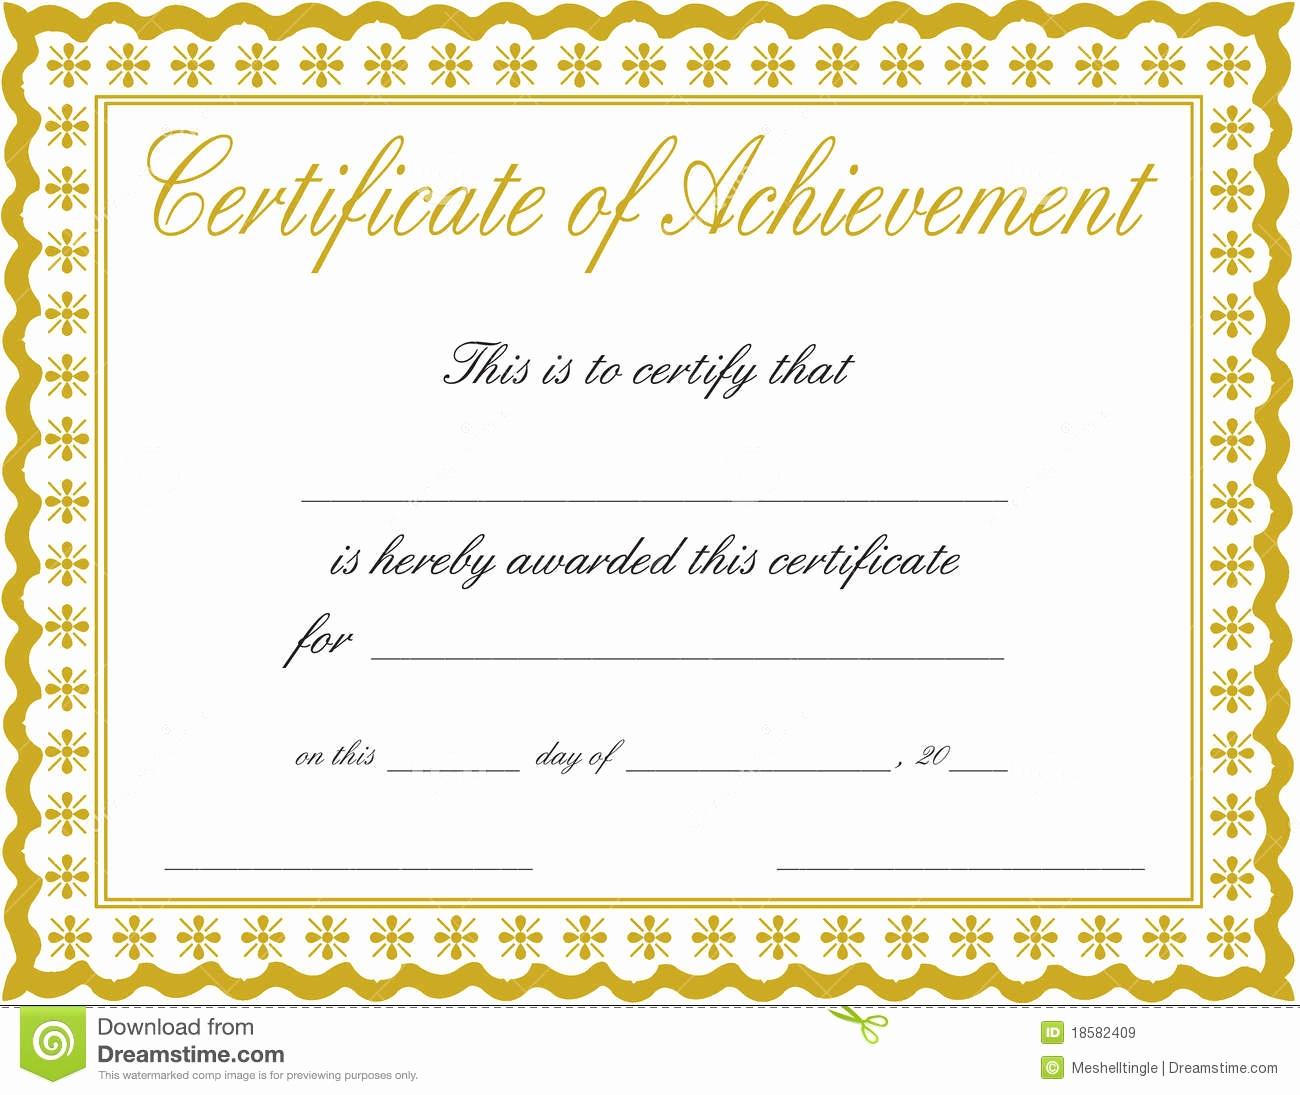 12 Customizable Certificate Templates   Business Letter - Free Customizable Printable Certificates Of Achievement